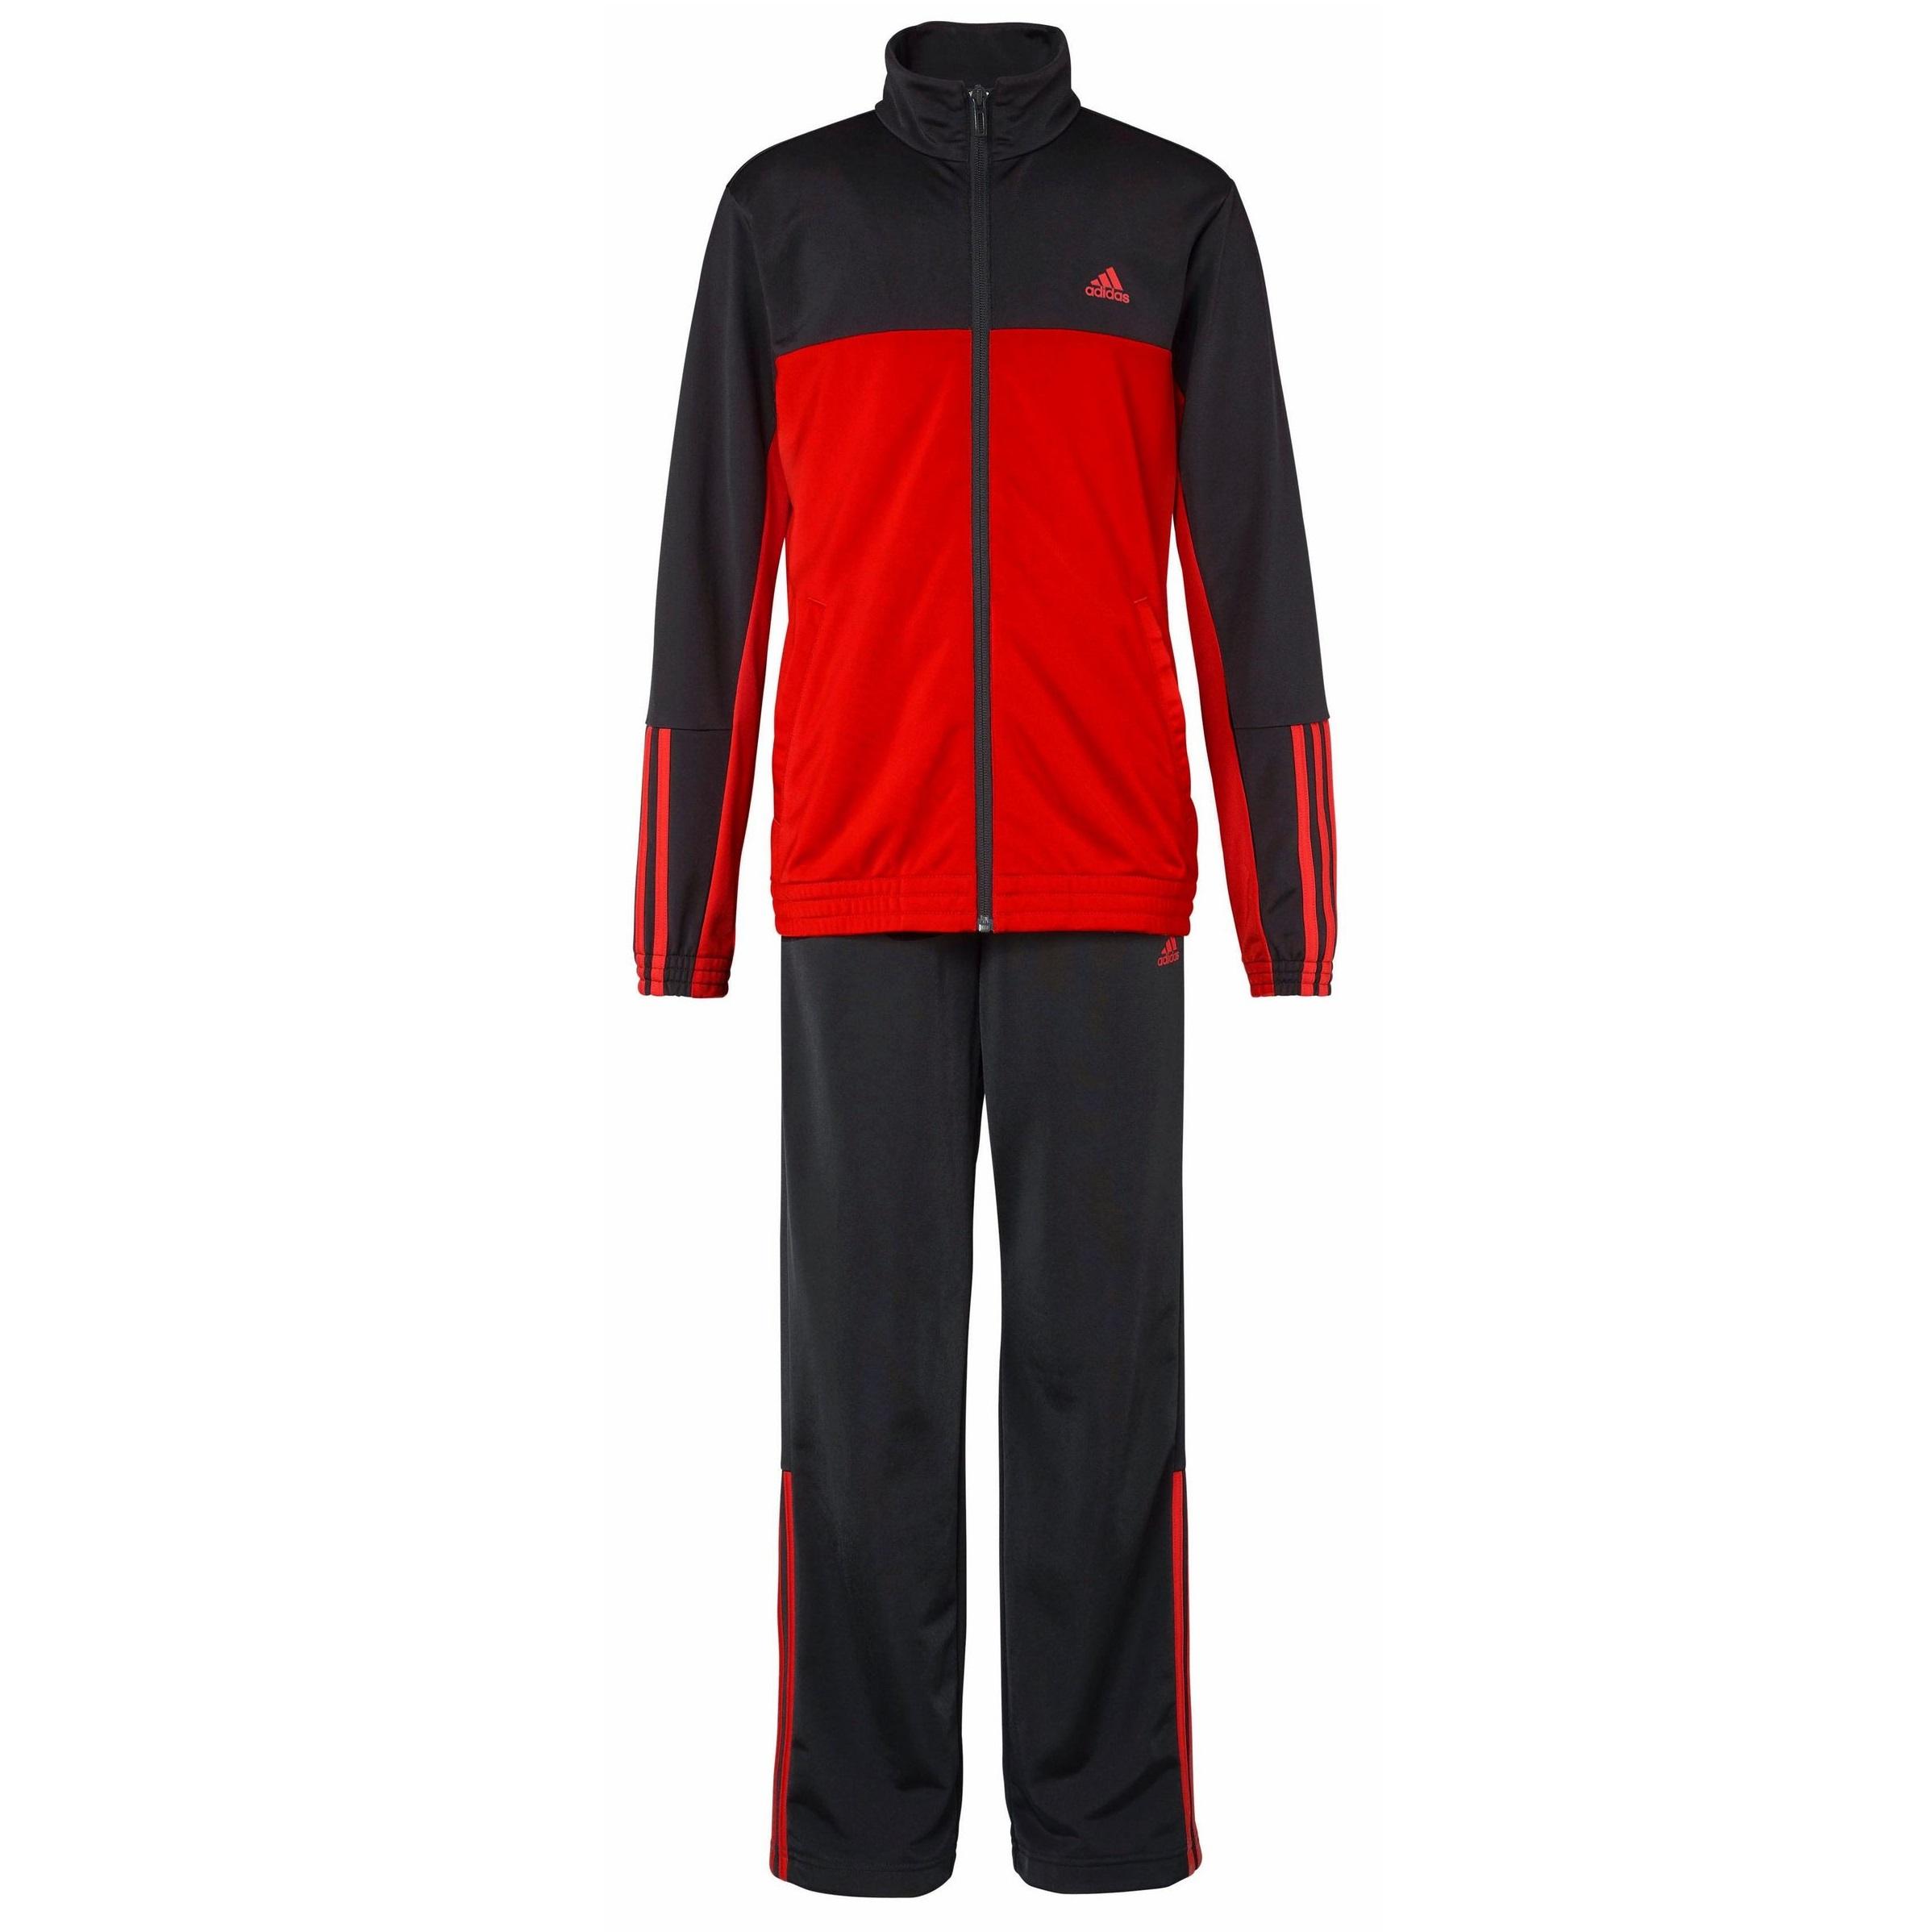 otto 10 auf ausgew hlte sportbekleidung sportartikel z b adidas performance. Black Bedroom Furniture Sets. Home Design Ideas